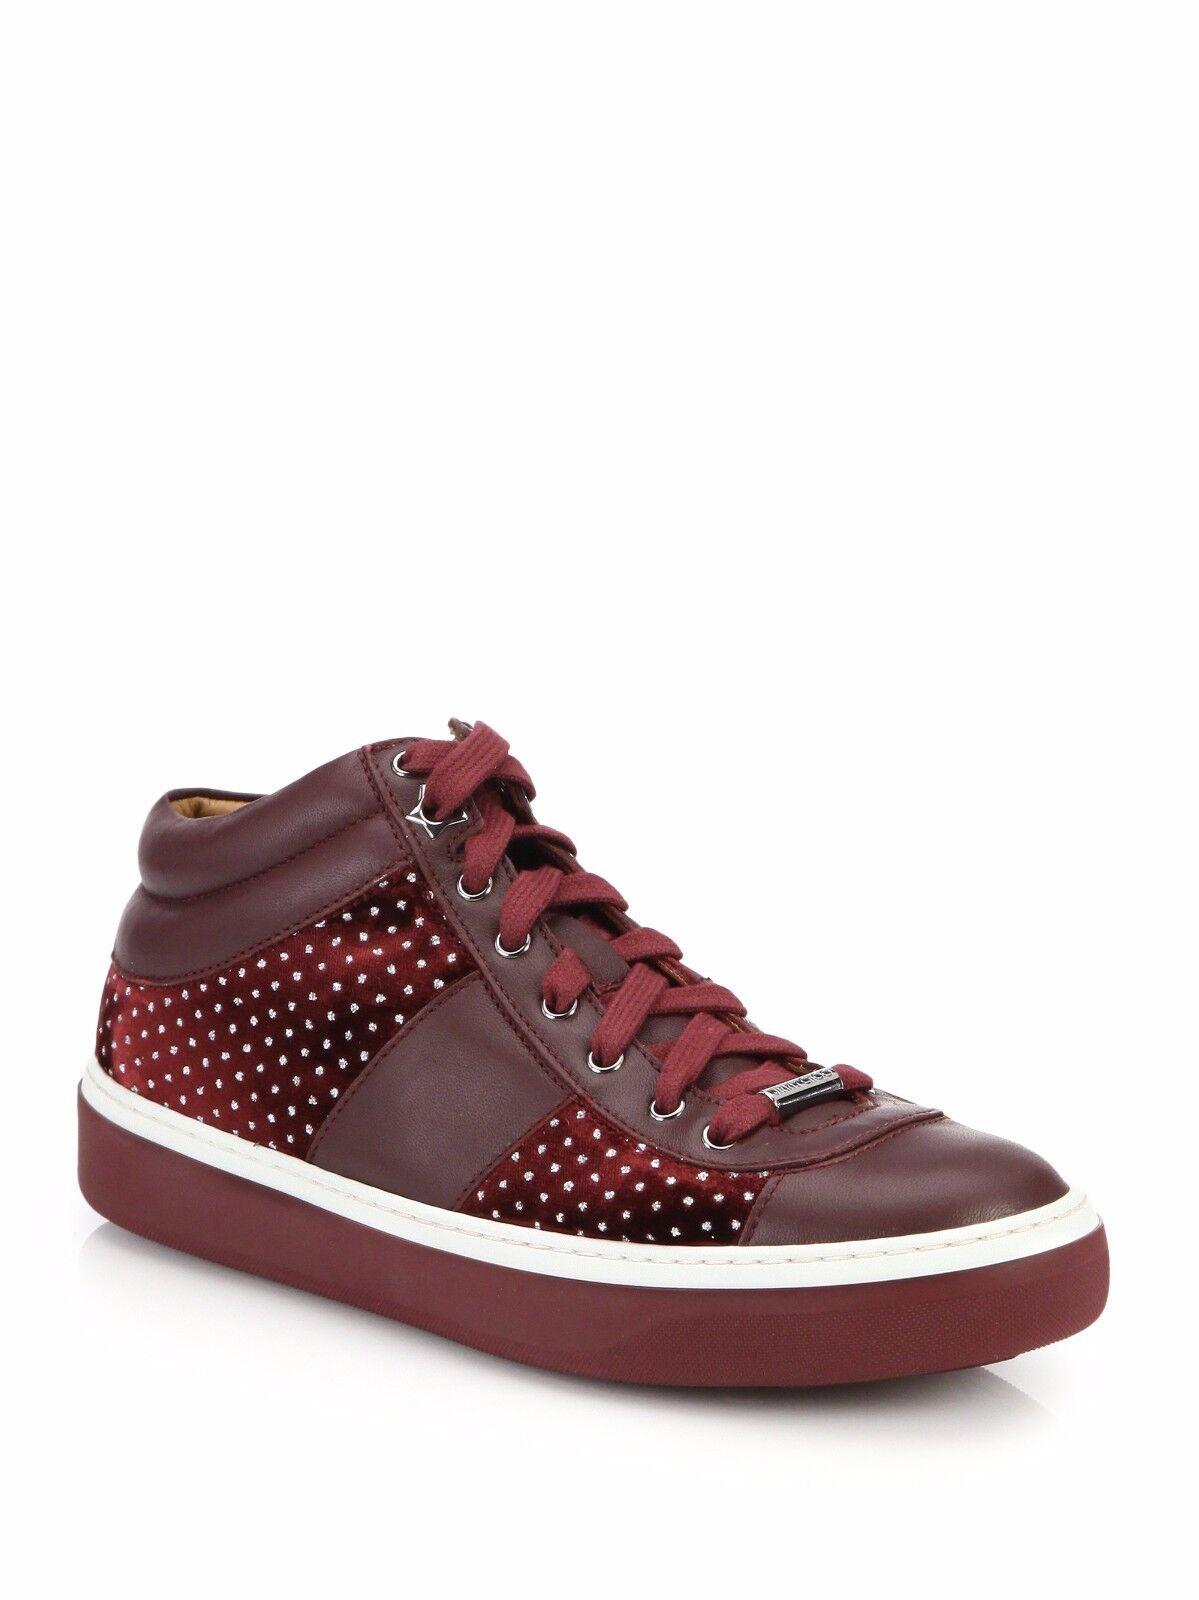 Jimmy Choo Bells Merlot Leather & Velvet Glitter Dot Sneakers Sz 38.5  US 8